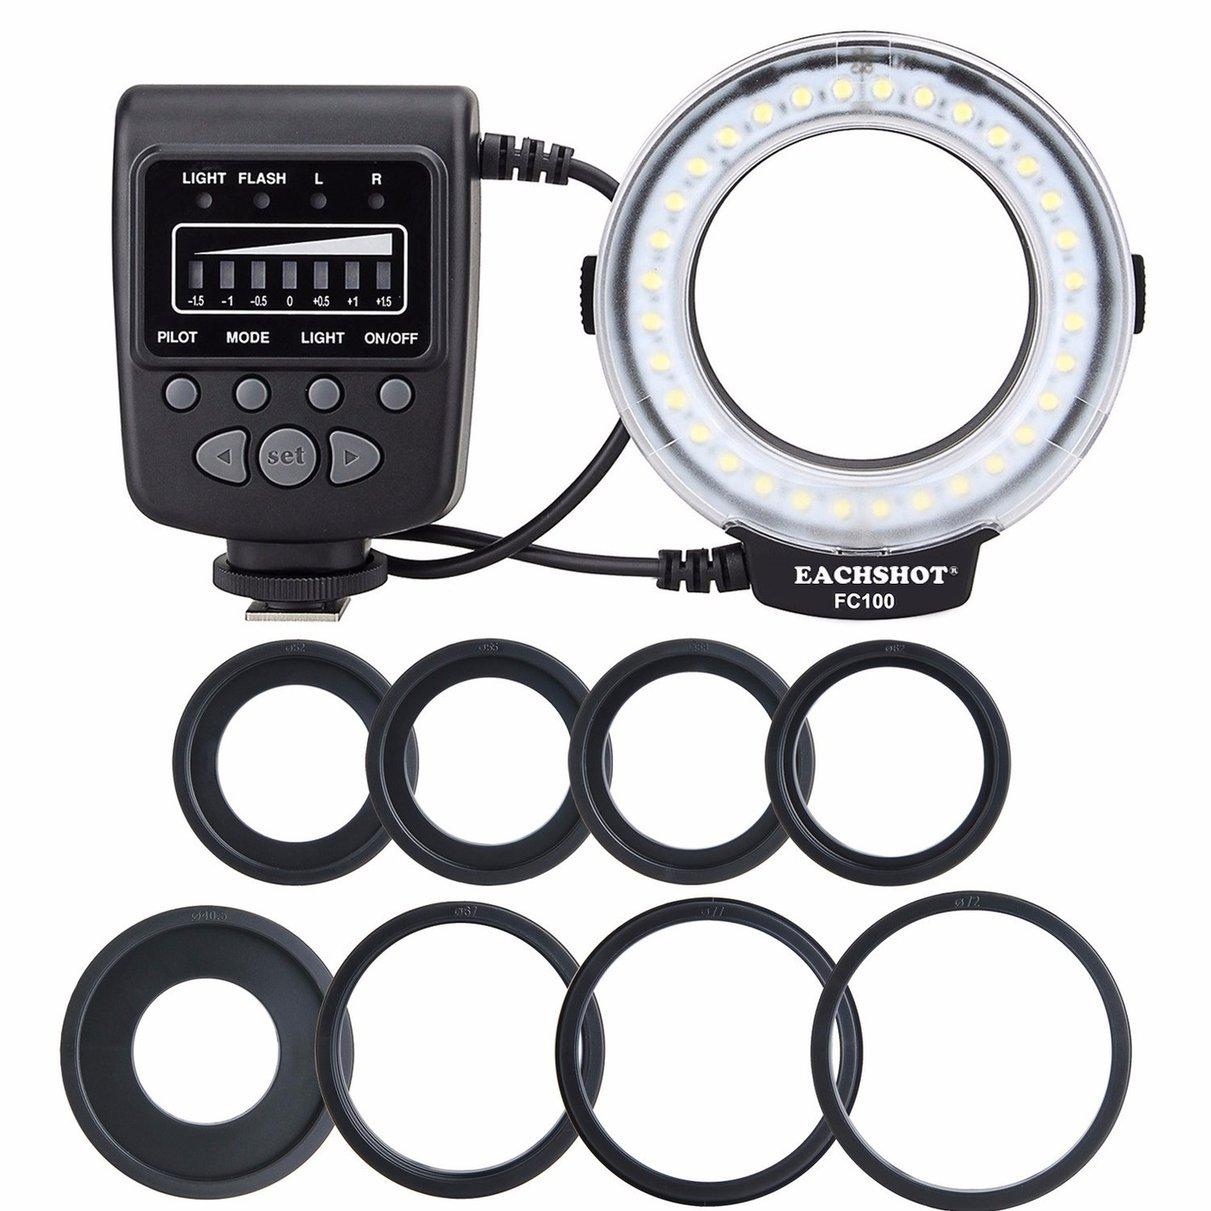 Meike FC-100 FC100 Macro Ring Flash/Licht MK FC 100 für Canon für EOS 650D 600D 60D 7D 550D 1100D T5i T4i T3i T3